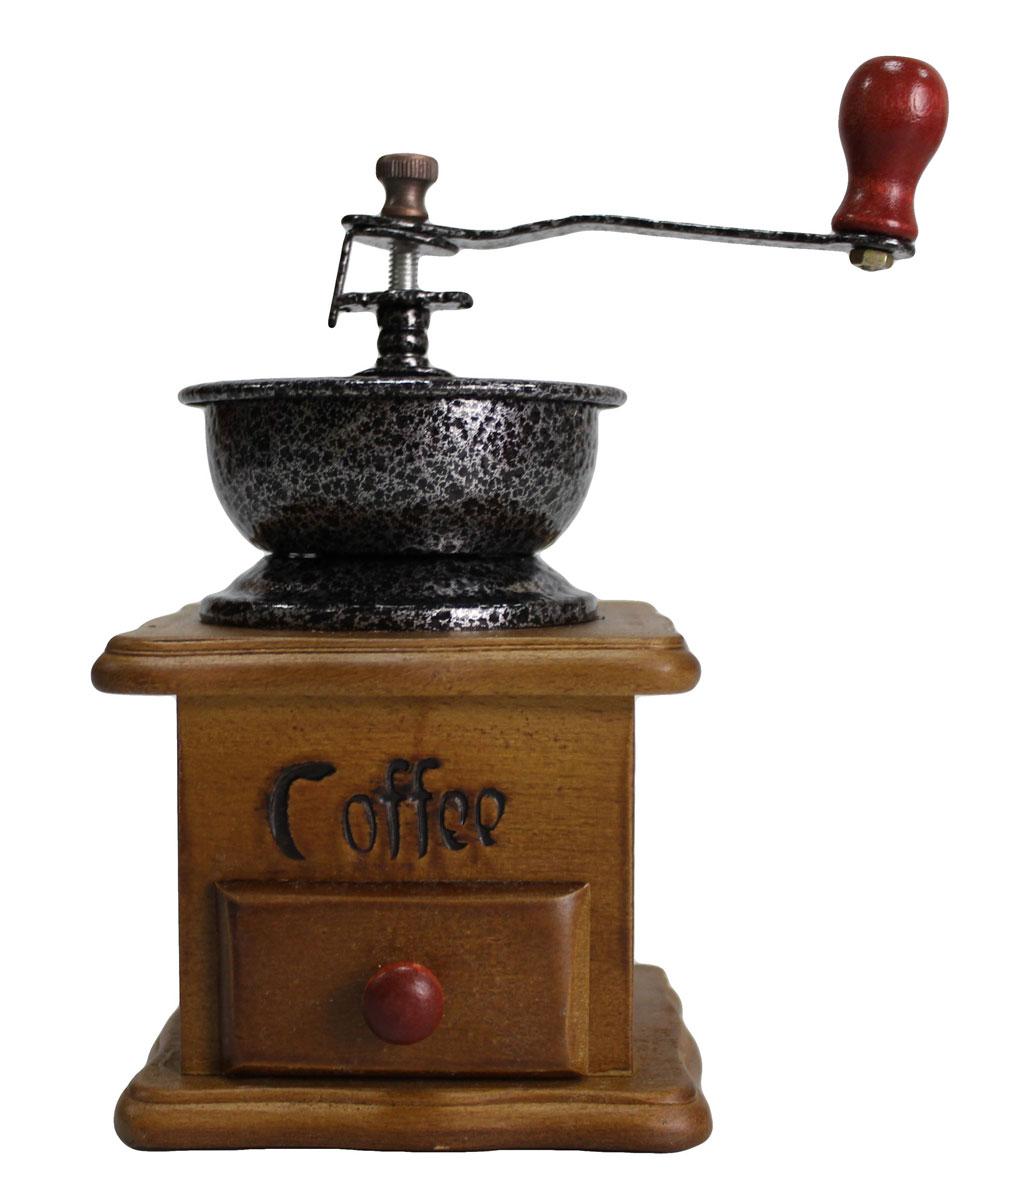 Кофемолка N/N, с деревянным основанием827001Деревянная ручная кофемолка N/N с металлическим механизмом, чугунными жерновами и регулировкой помола станет незаменимой на любой кухне. Ручная кофемолка сохраняет кофе более ароматным. Она выполнена в элегантном дизайне, прекрасно подойдет в качестве подарка.